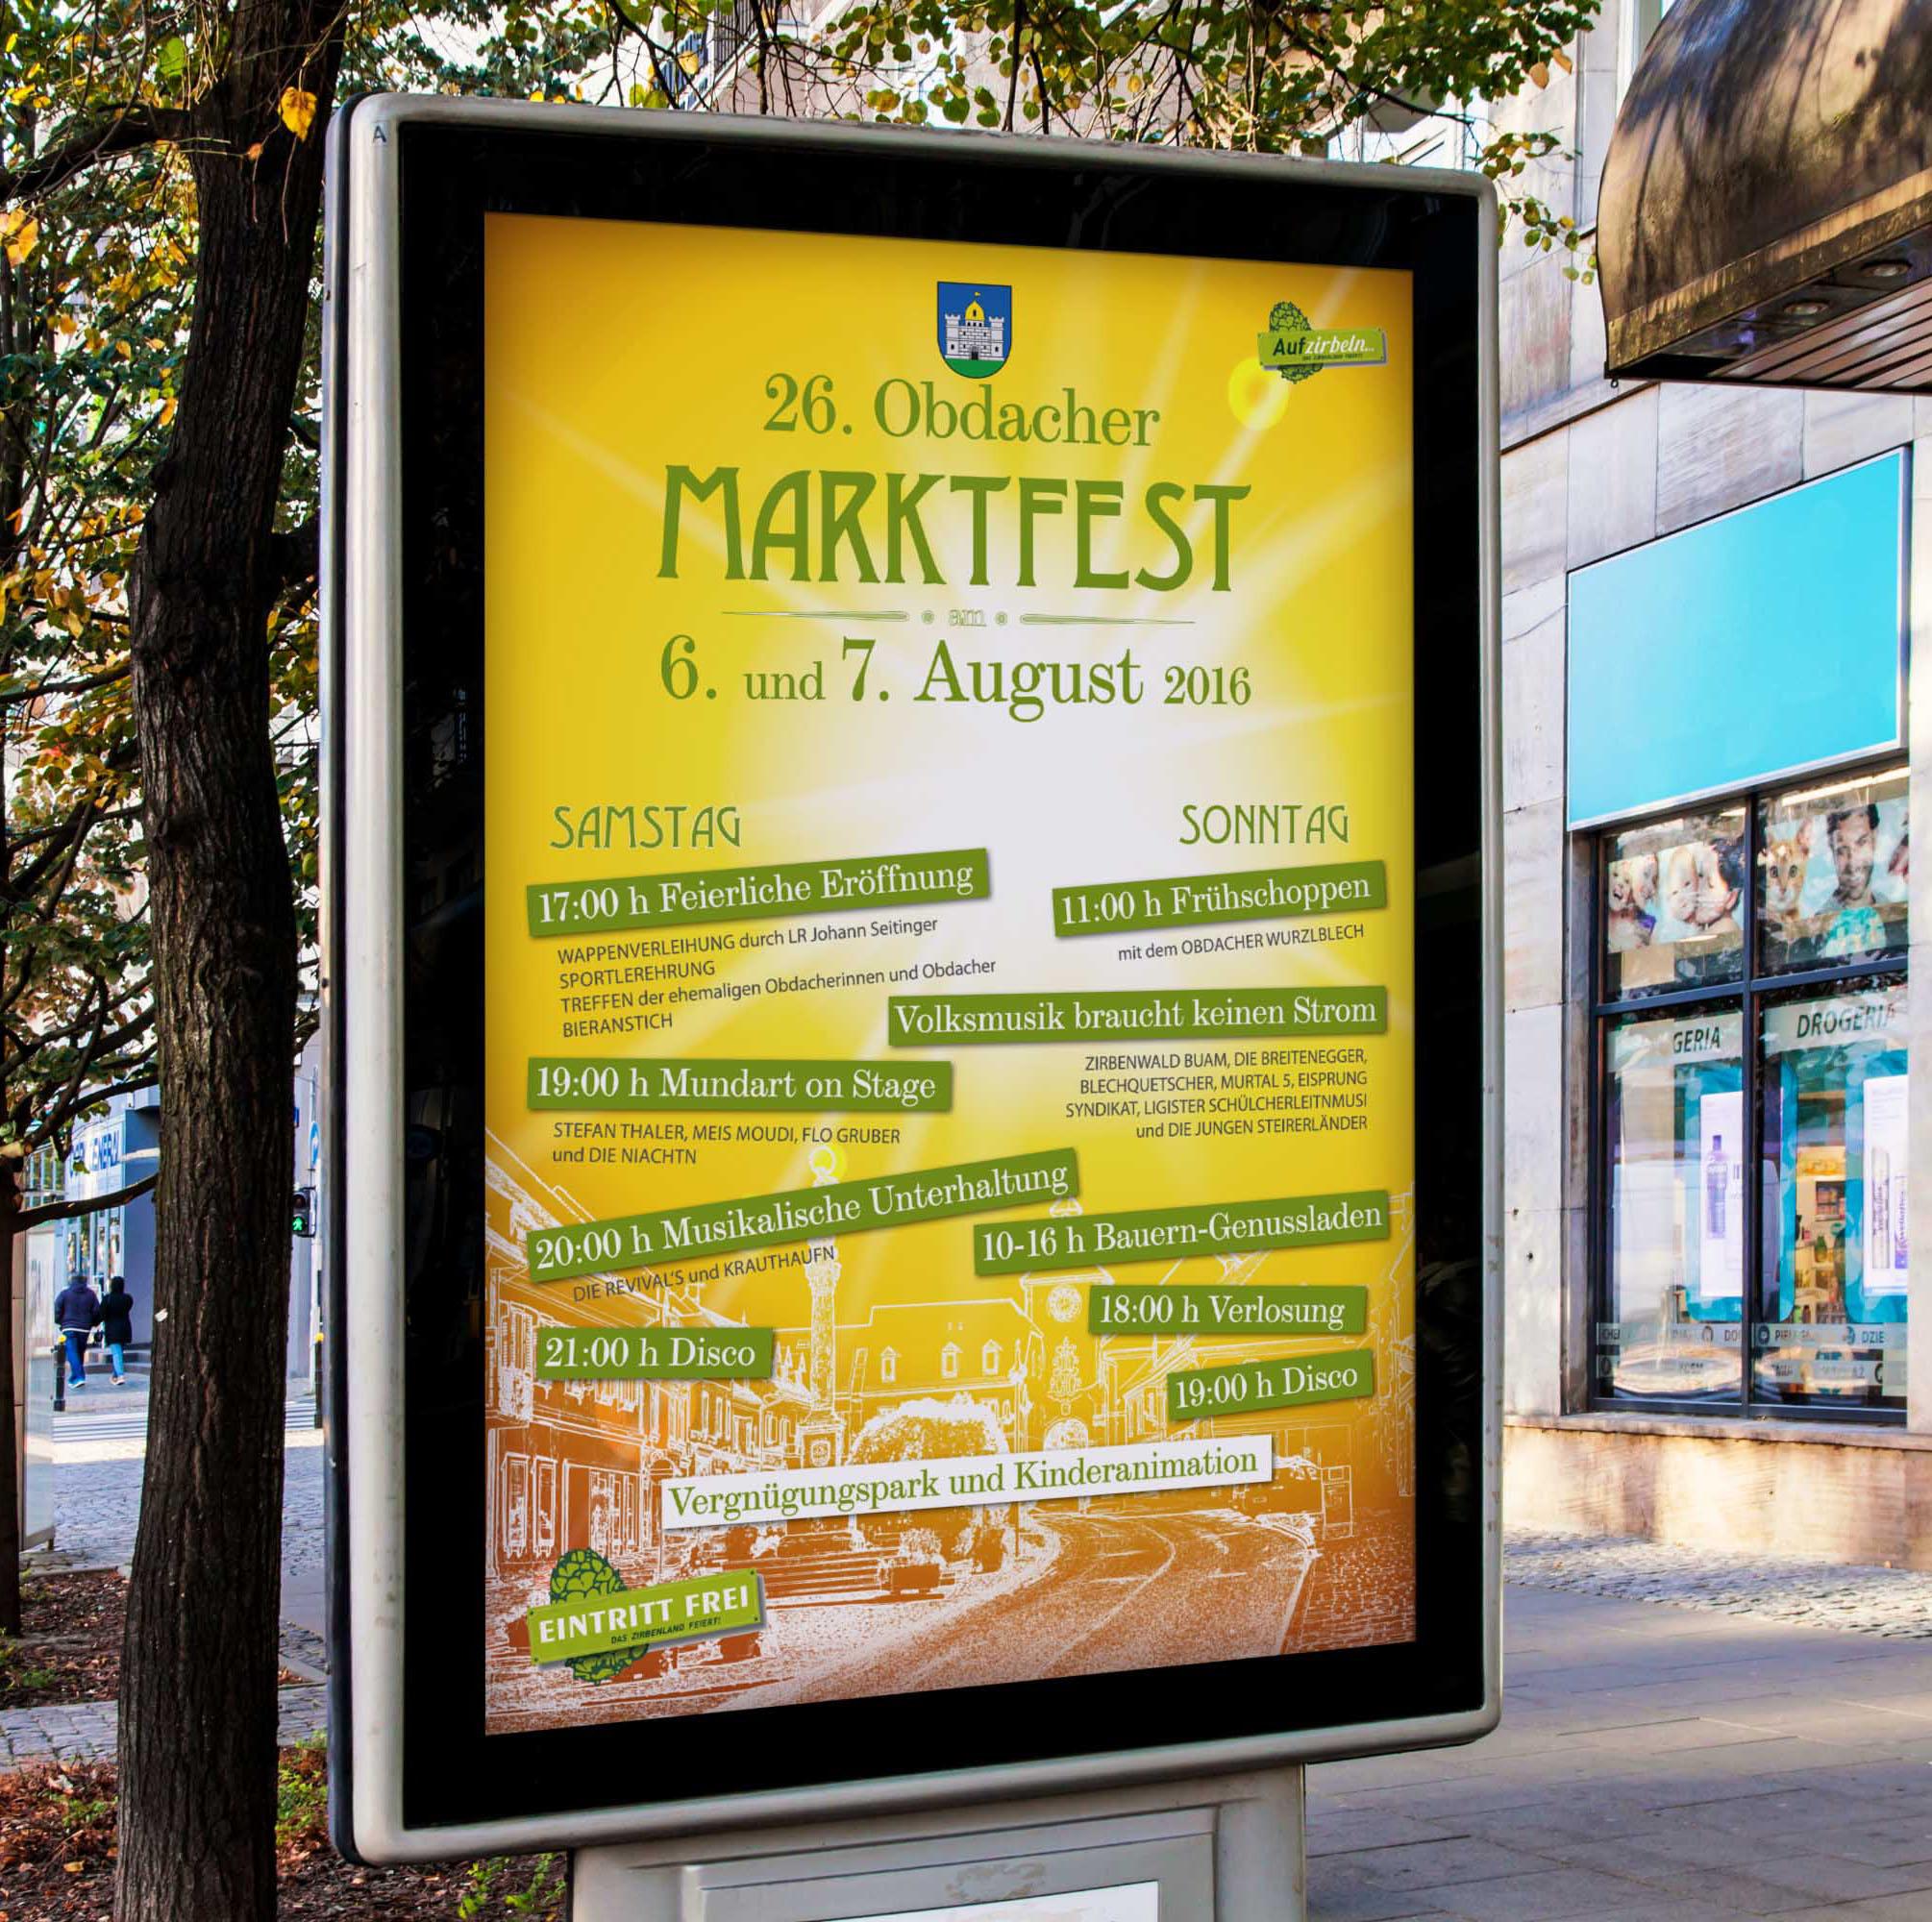 MU_Marktfest Plakat1